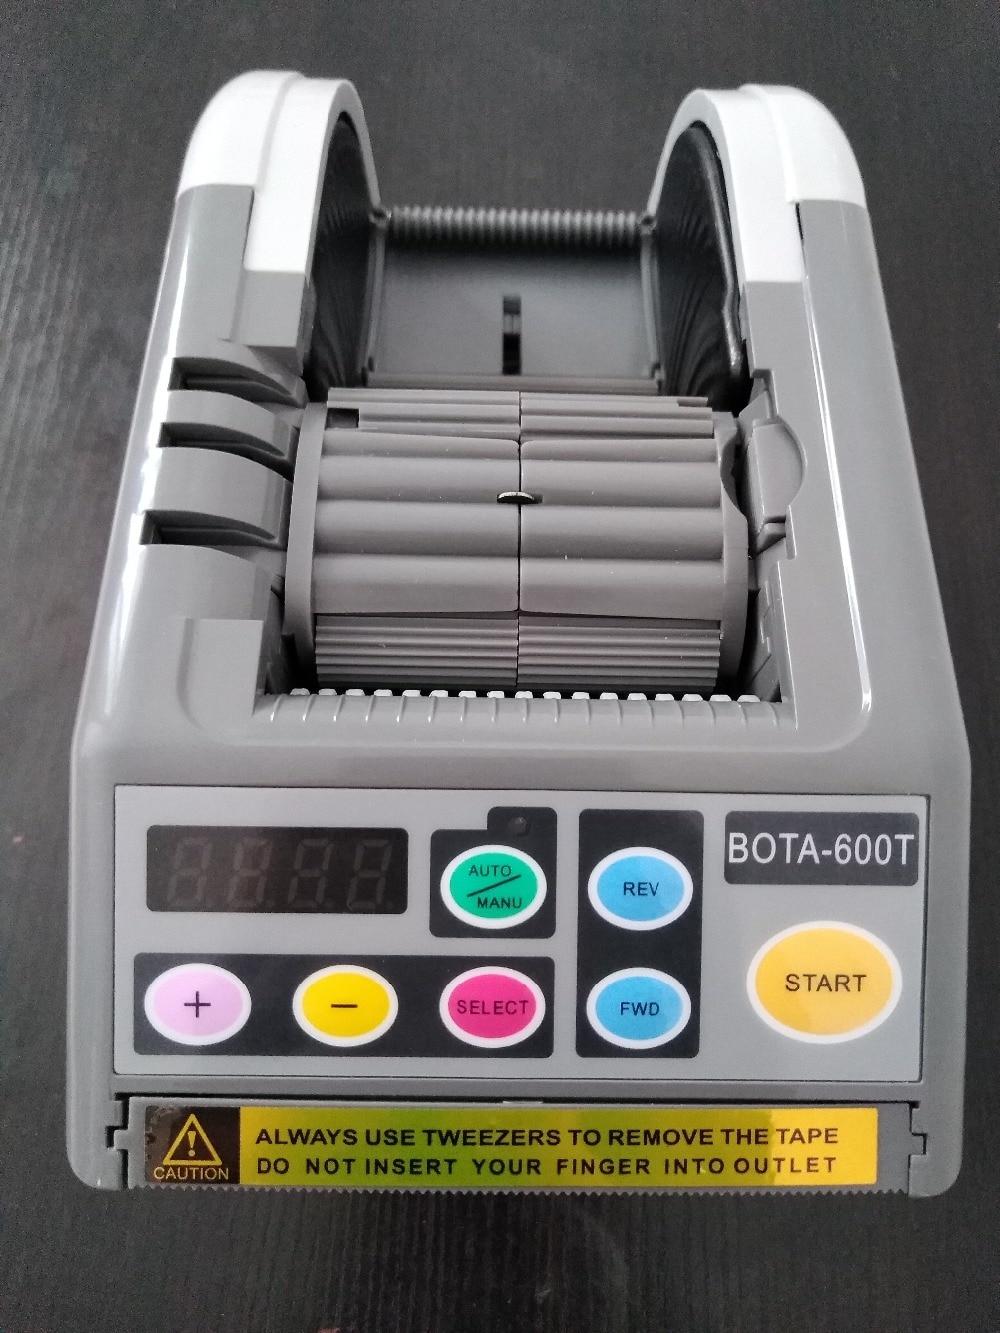 BOTA-600Tマイクロコンピューター自動テープディスペンサー、カット幅最大60 mm